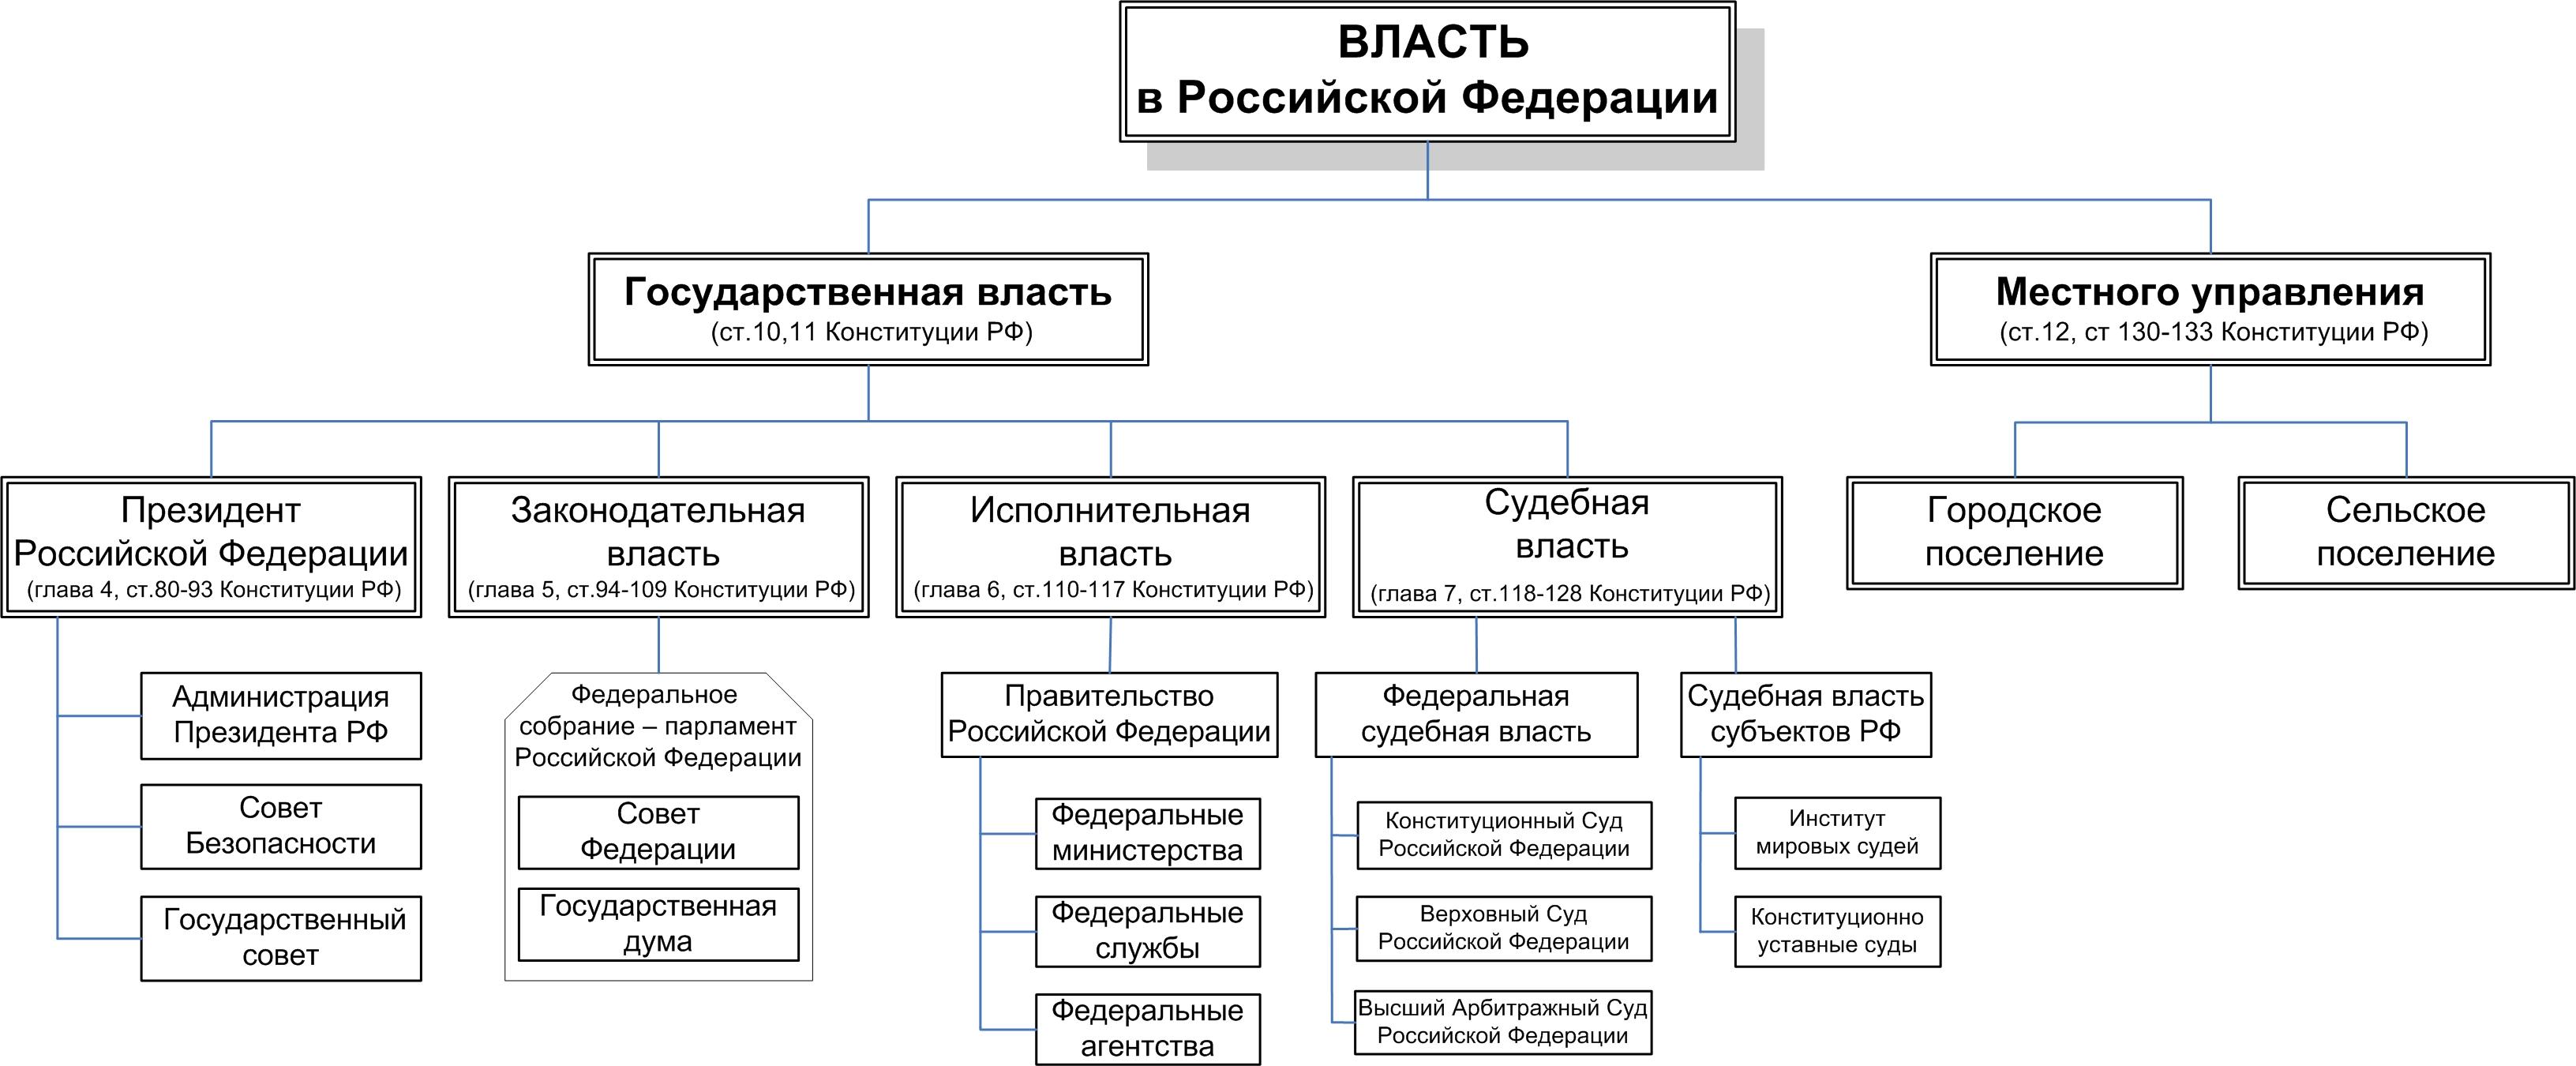 Схема дерева власти с ветвями 538